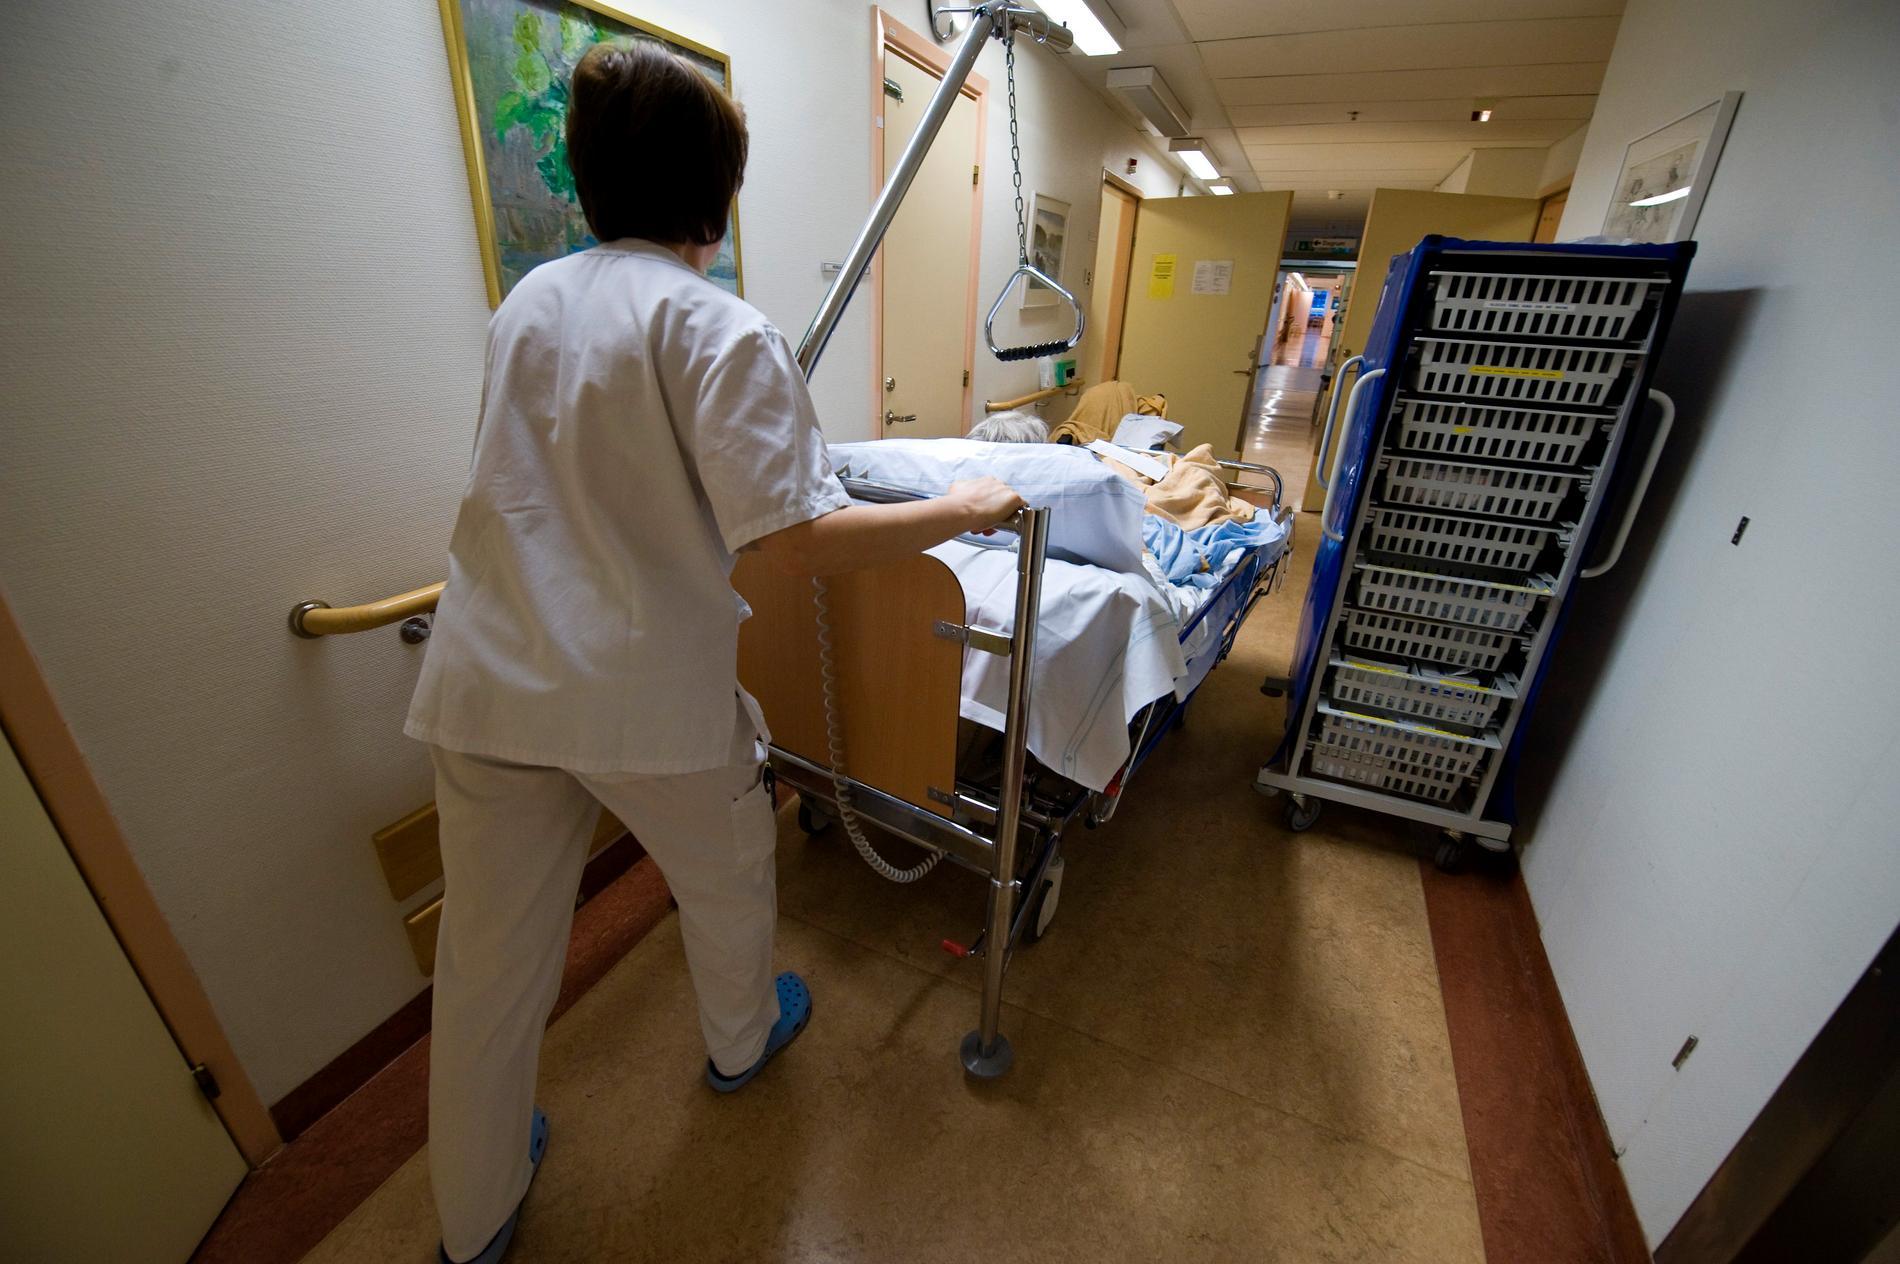 Vårdpersonal flyttar på en patient på en vårdavdelning på Danderyds sjukhus.